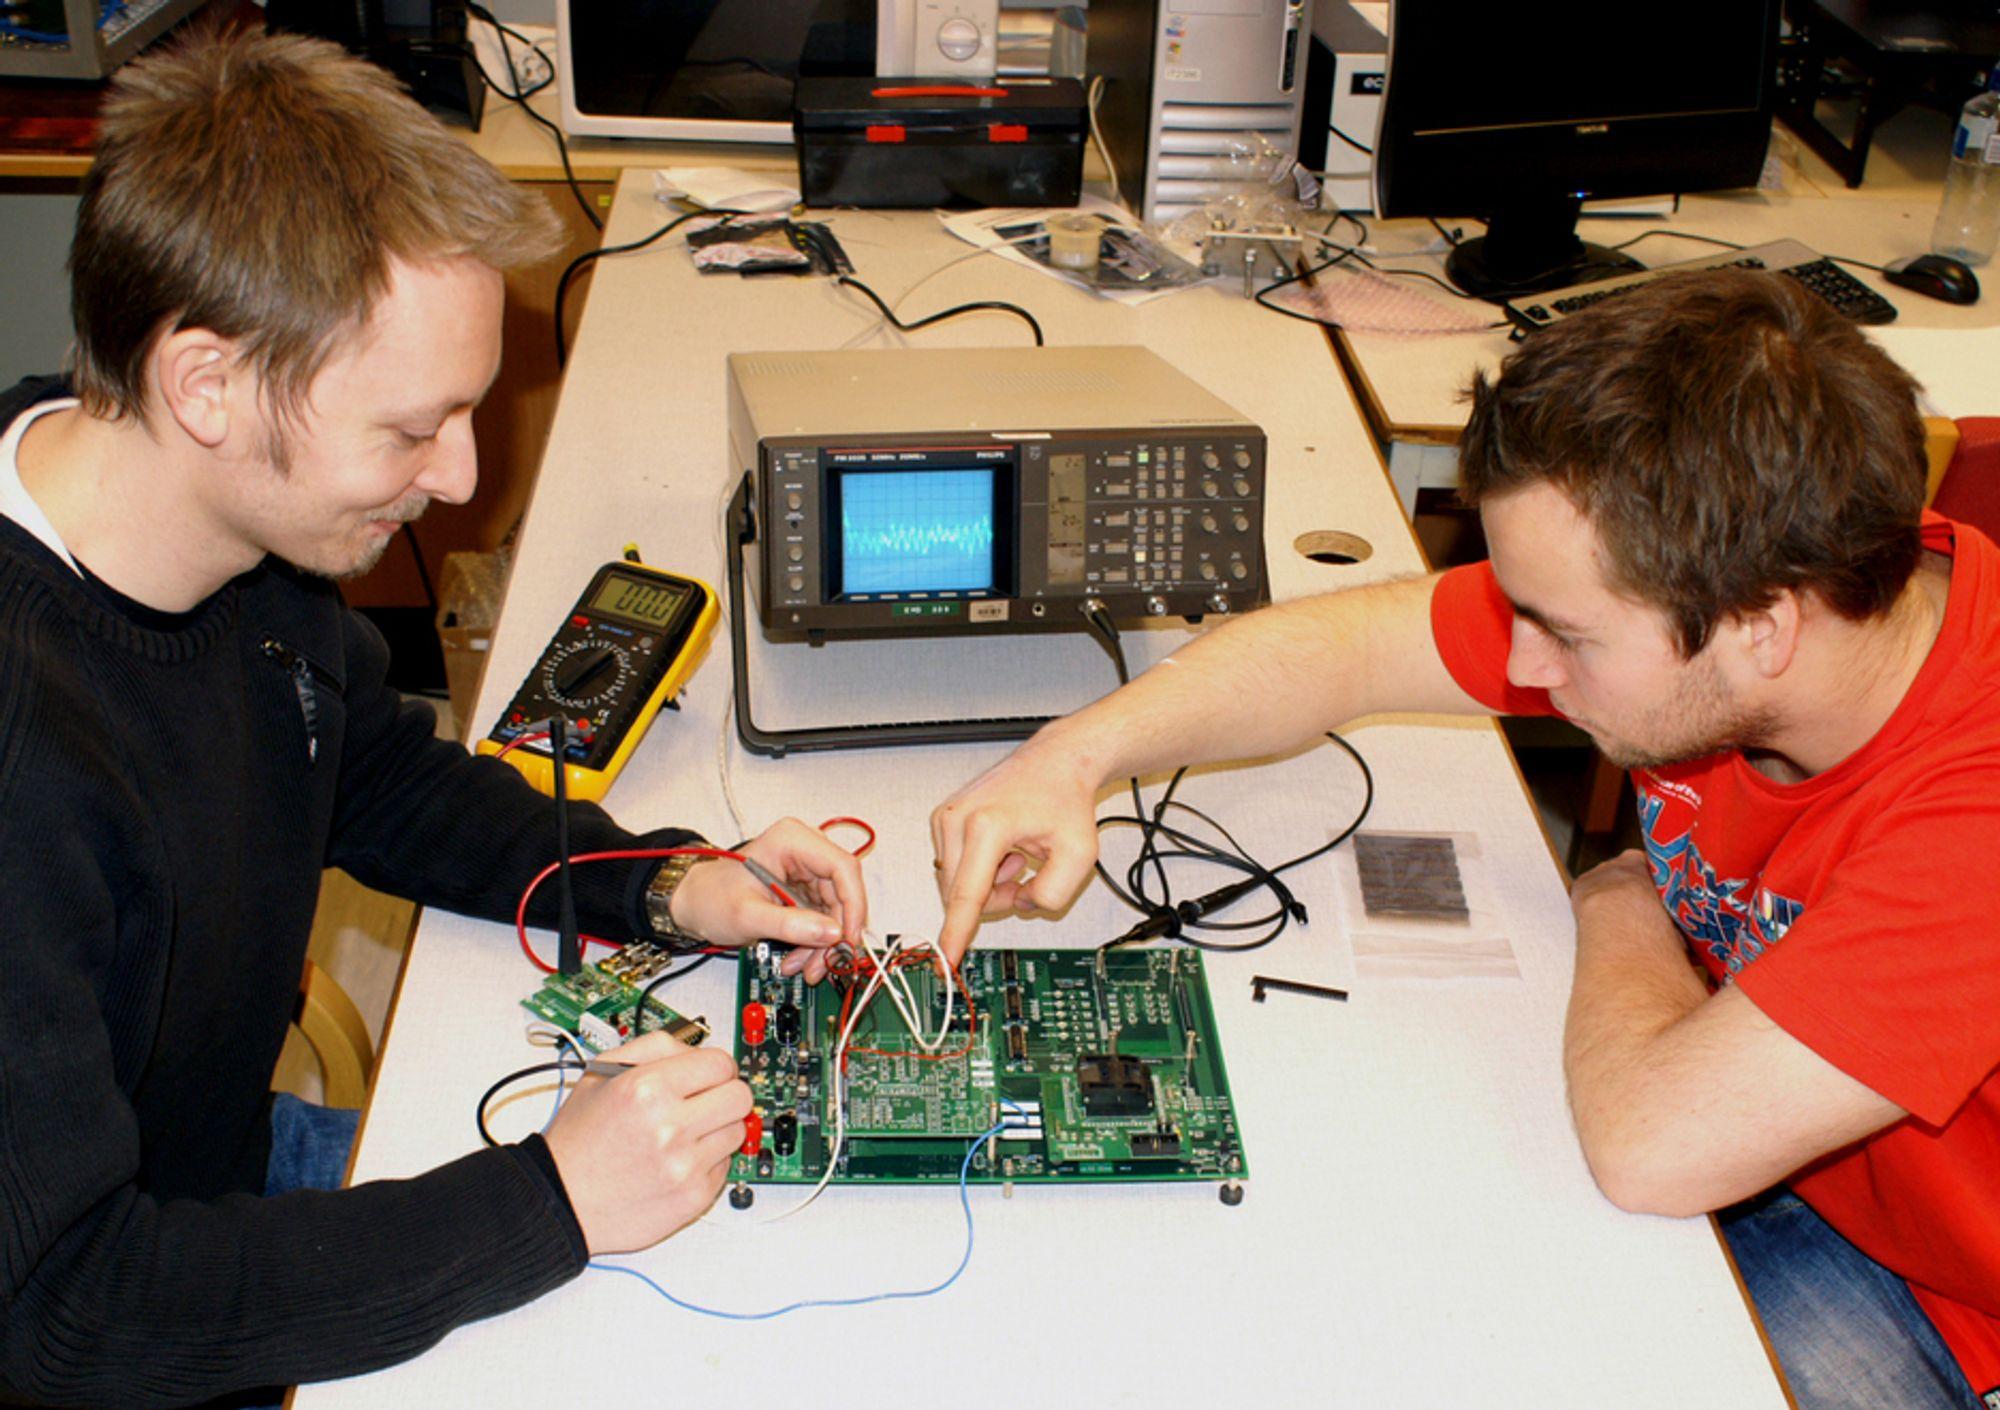 Romteknologistudentene Espen Oland (til høyre) og Lasse Ulvær jobber med testbrettet til Høgskolen i Narviks nye satellitt HiNCube.